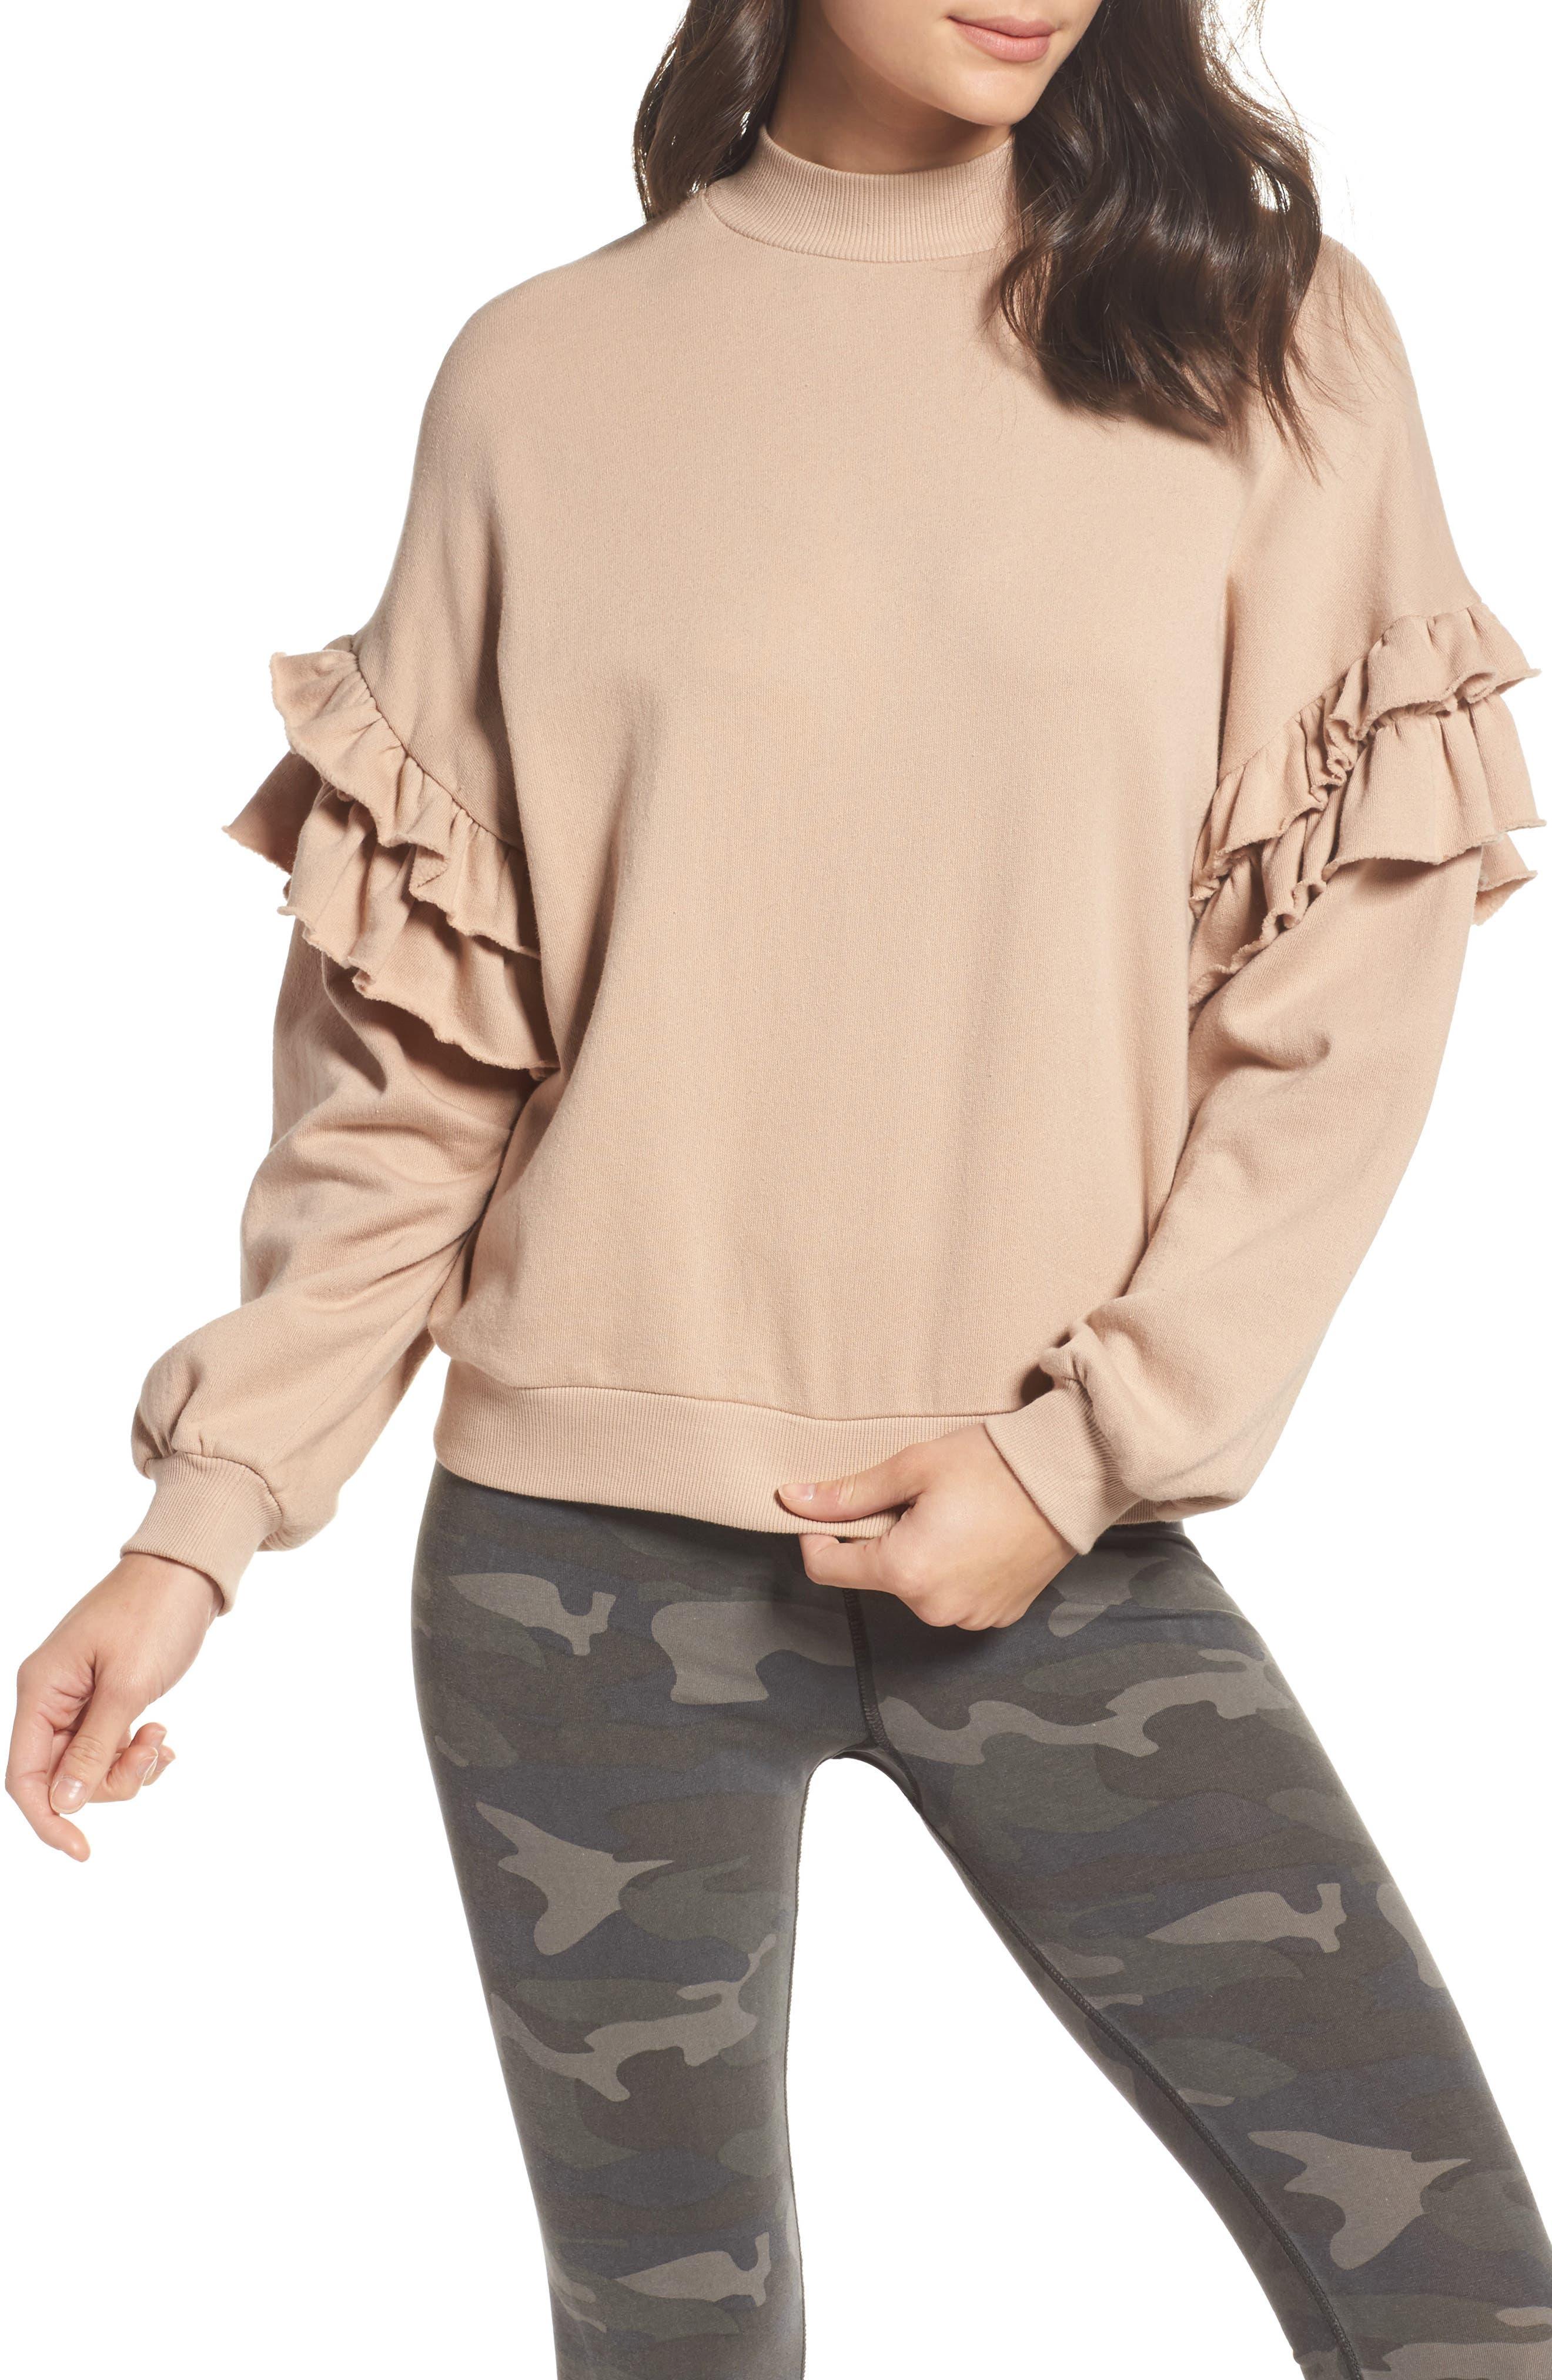 Ragdoll Ruffle Sweatshirt